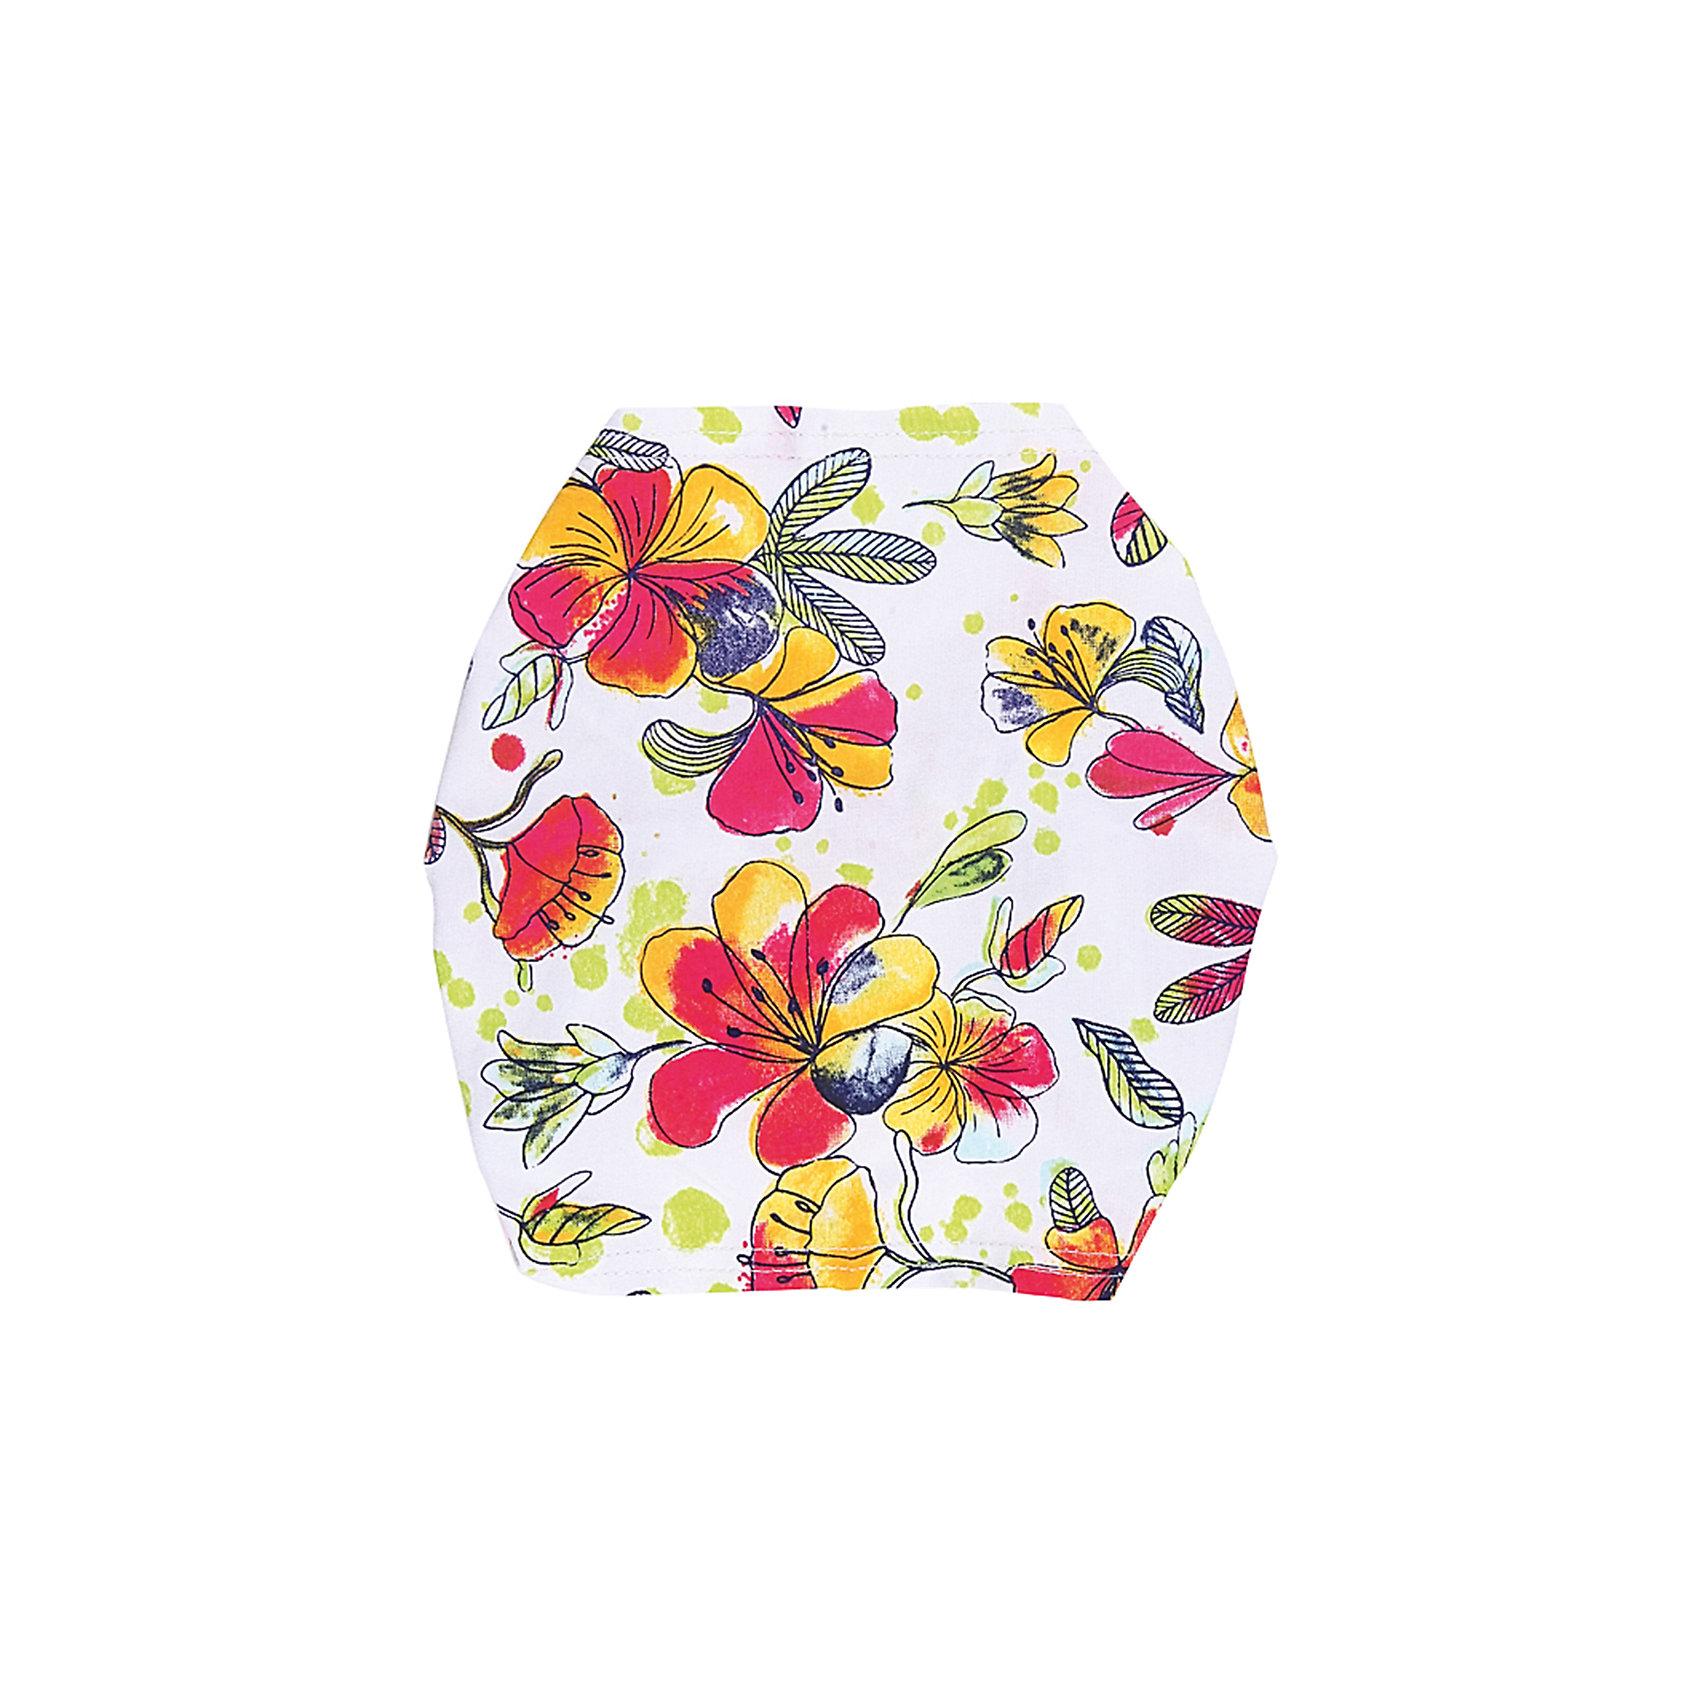 Sweet Berry Повязка на голову для девочки Sweet Berry многофункциональная повязка на голову